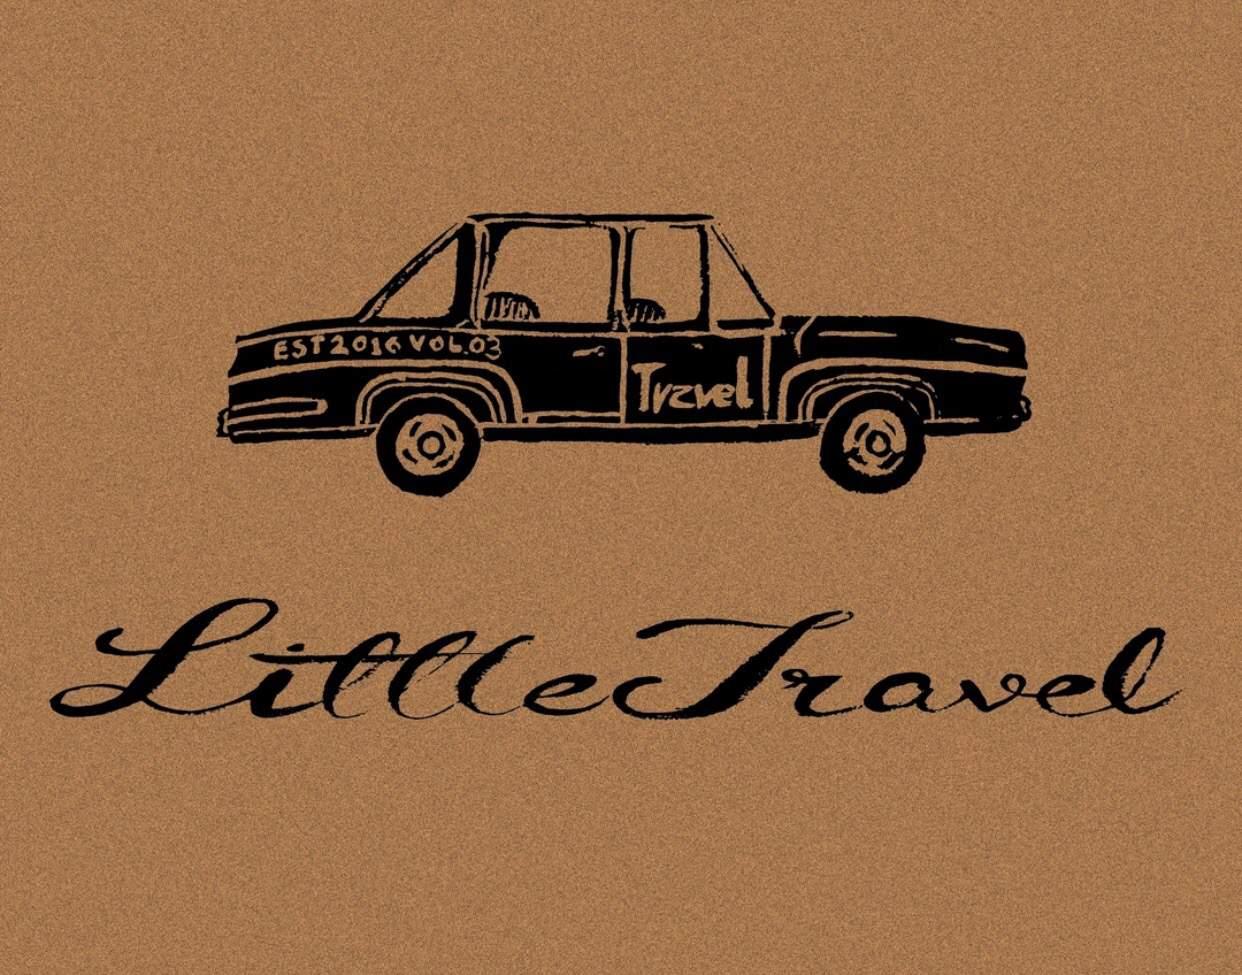 littletravel logo chengdu expat